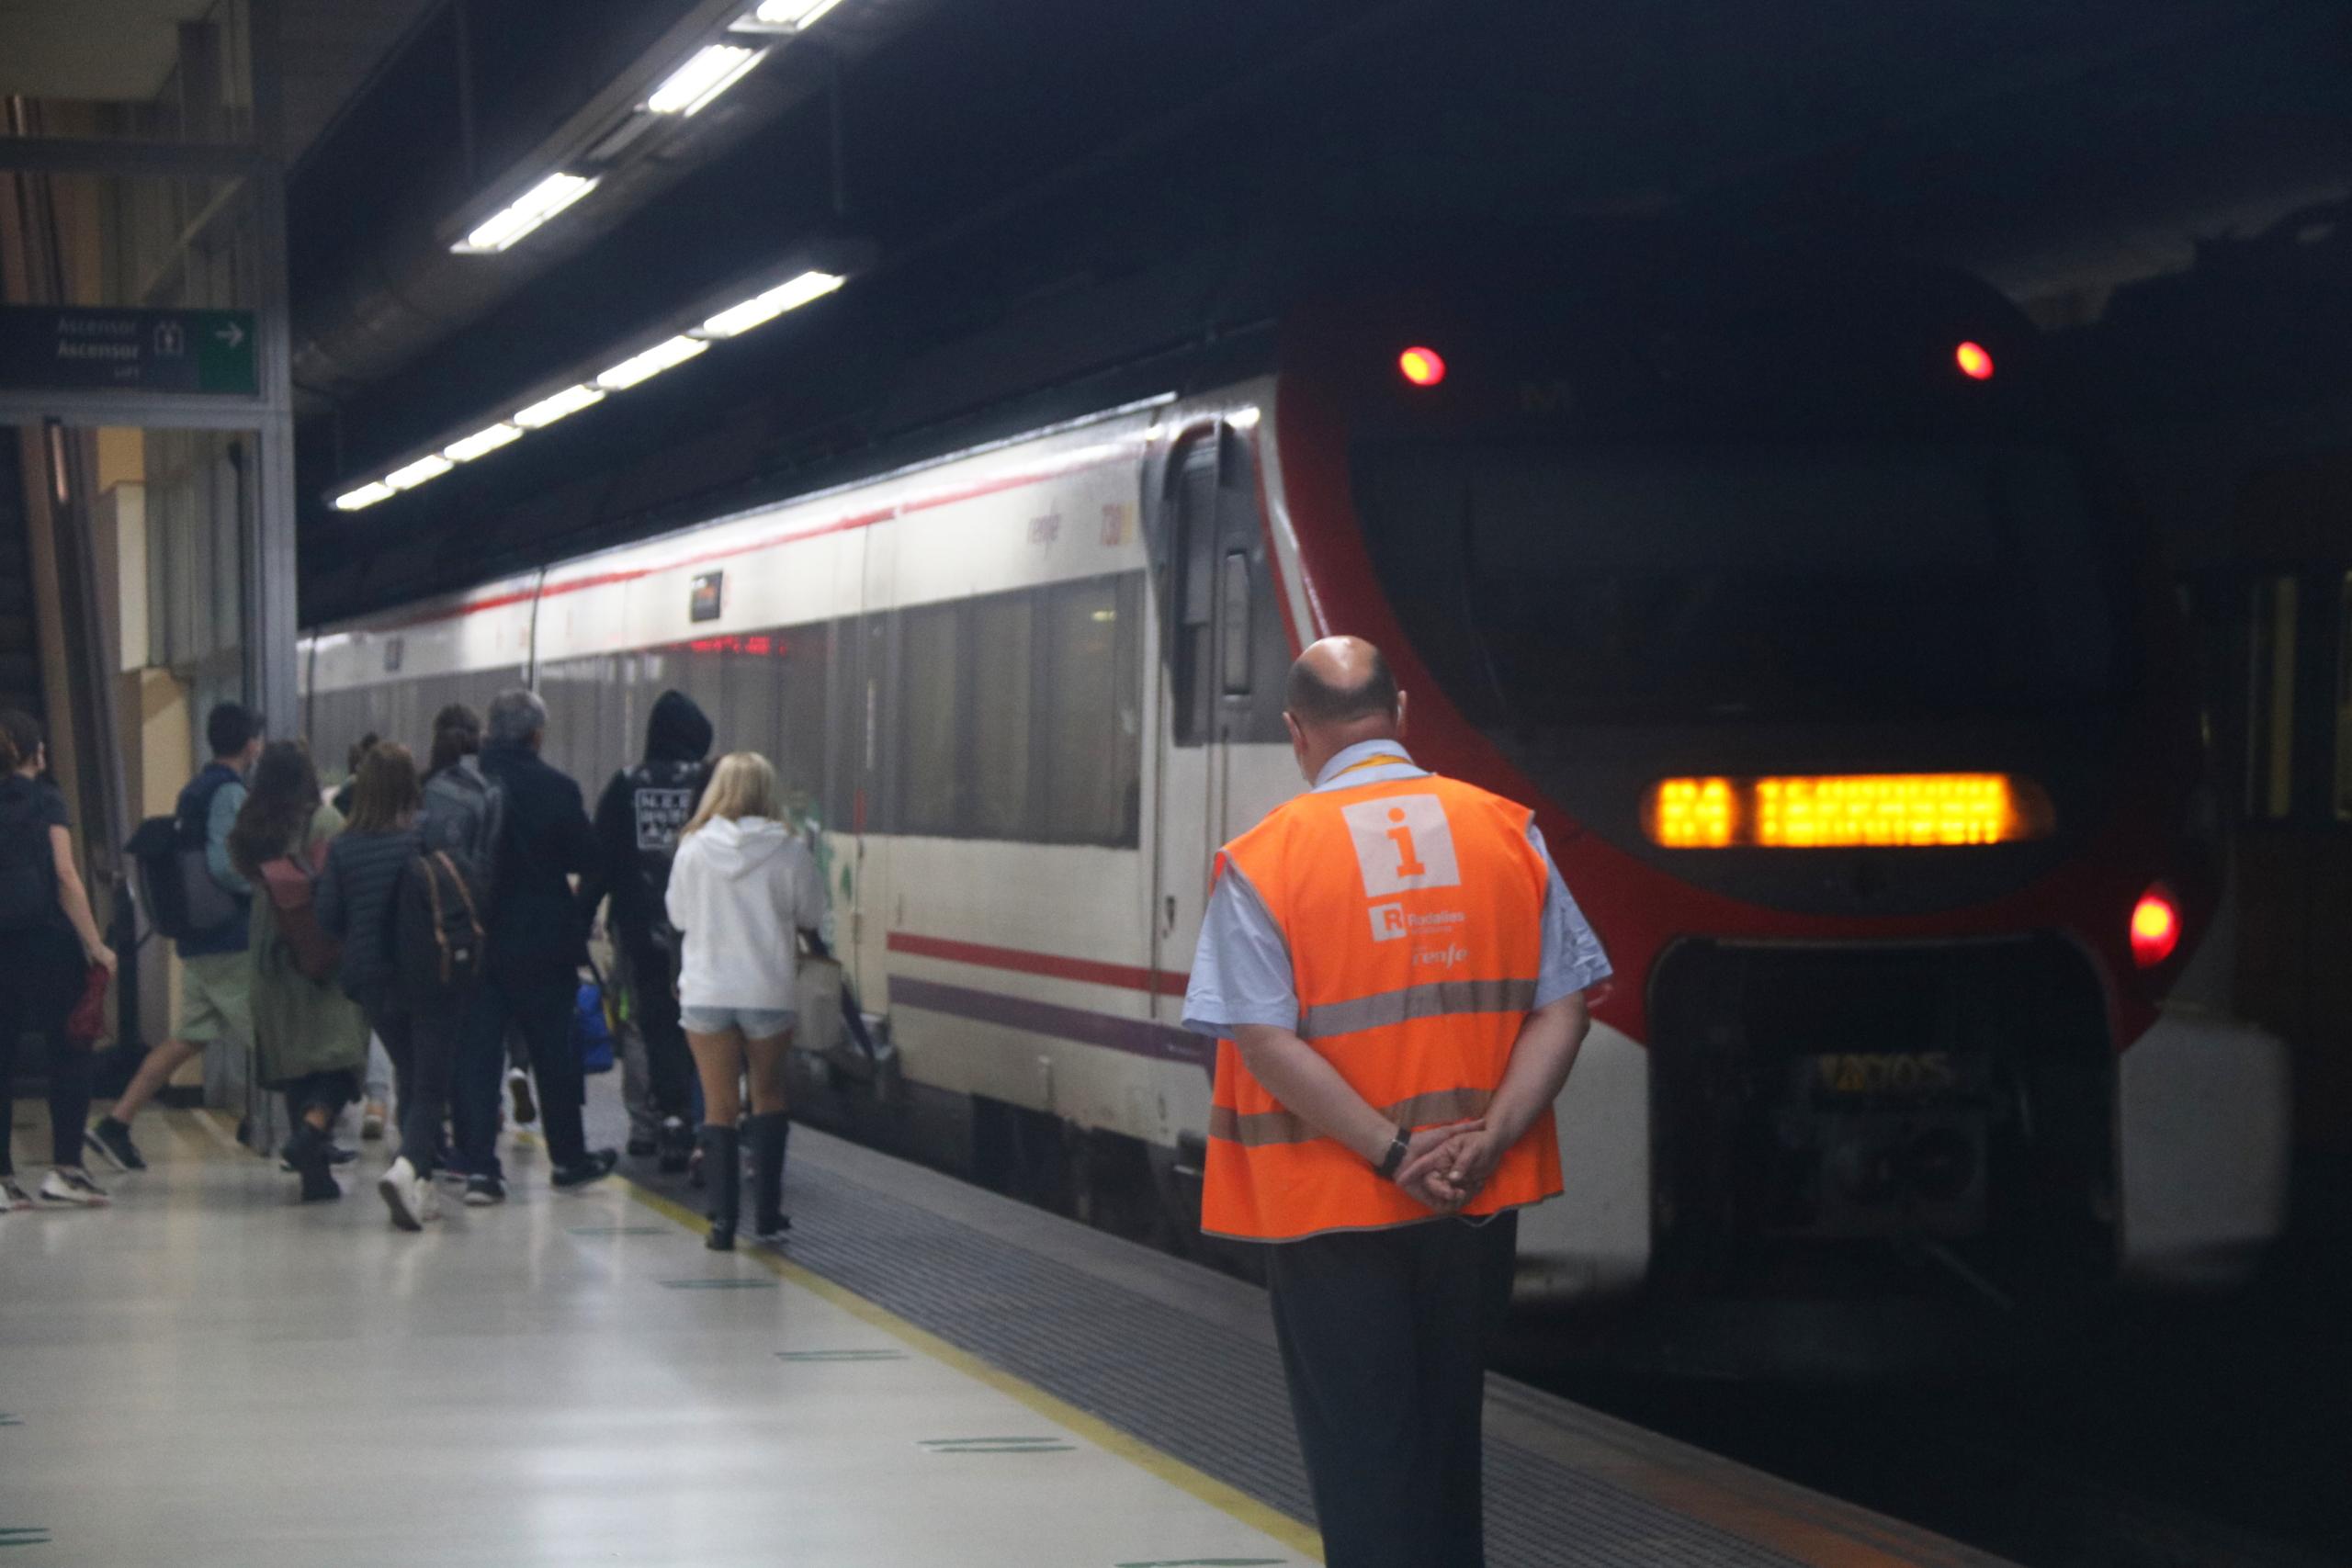 Un dels membres del personal de Renfe a una de les andandes de l'estació de Sants de Barcelona | ACN